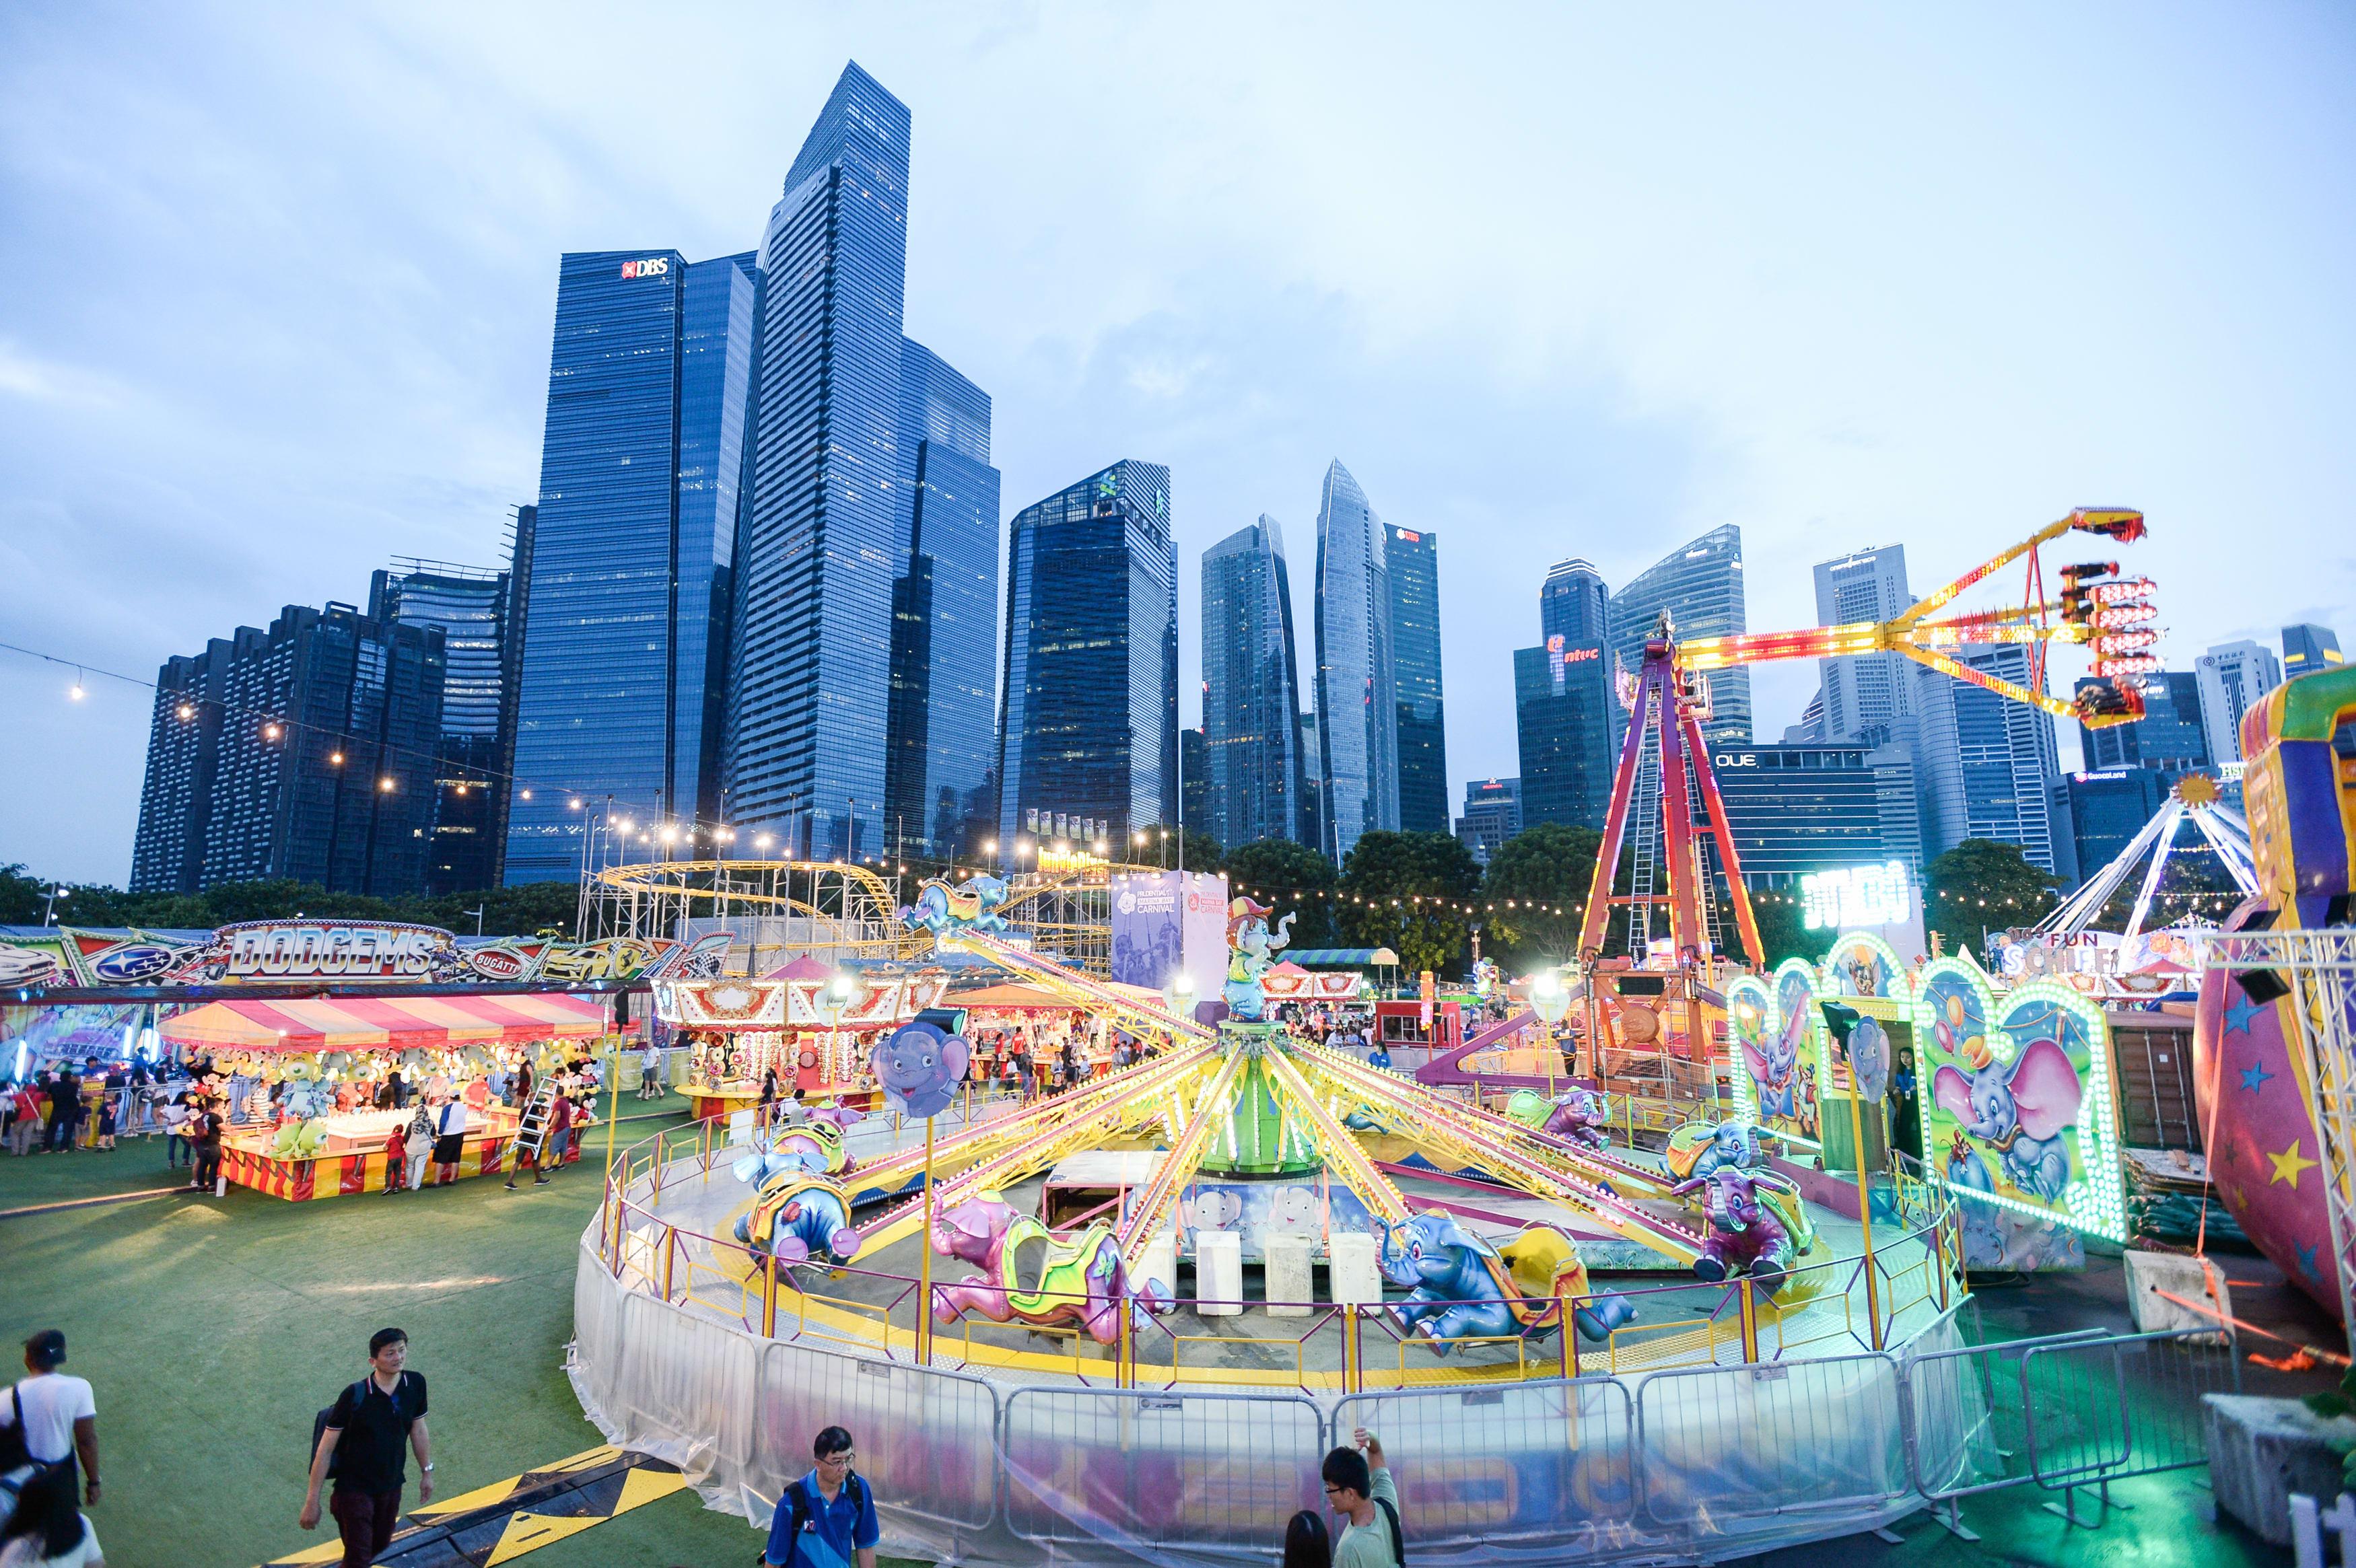 Prudential Marina Bay Carnival @ i Light Singapore (Image courtesy of i Light Singapore)